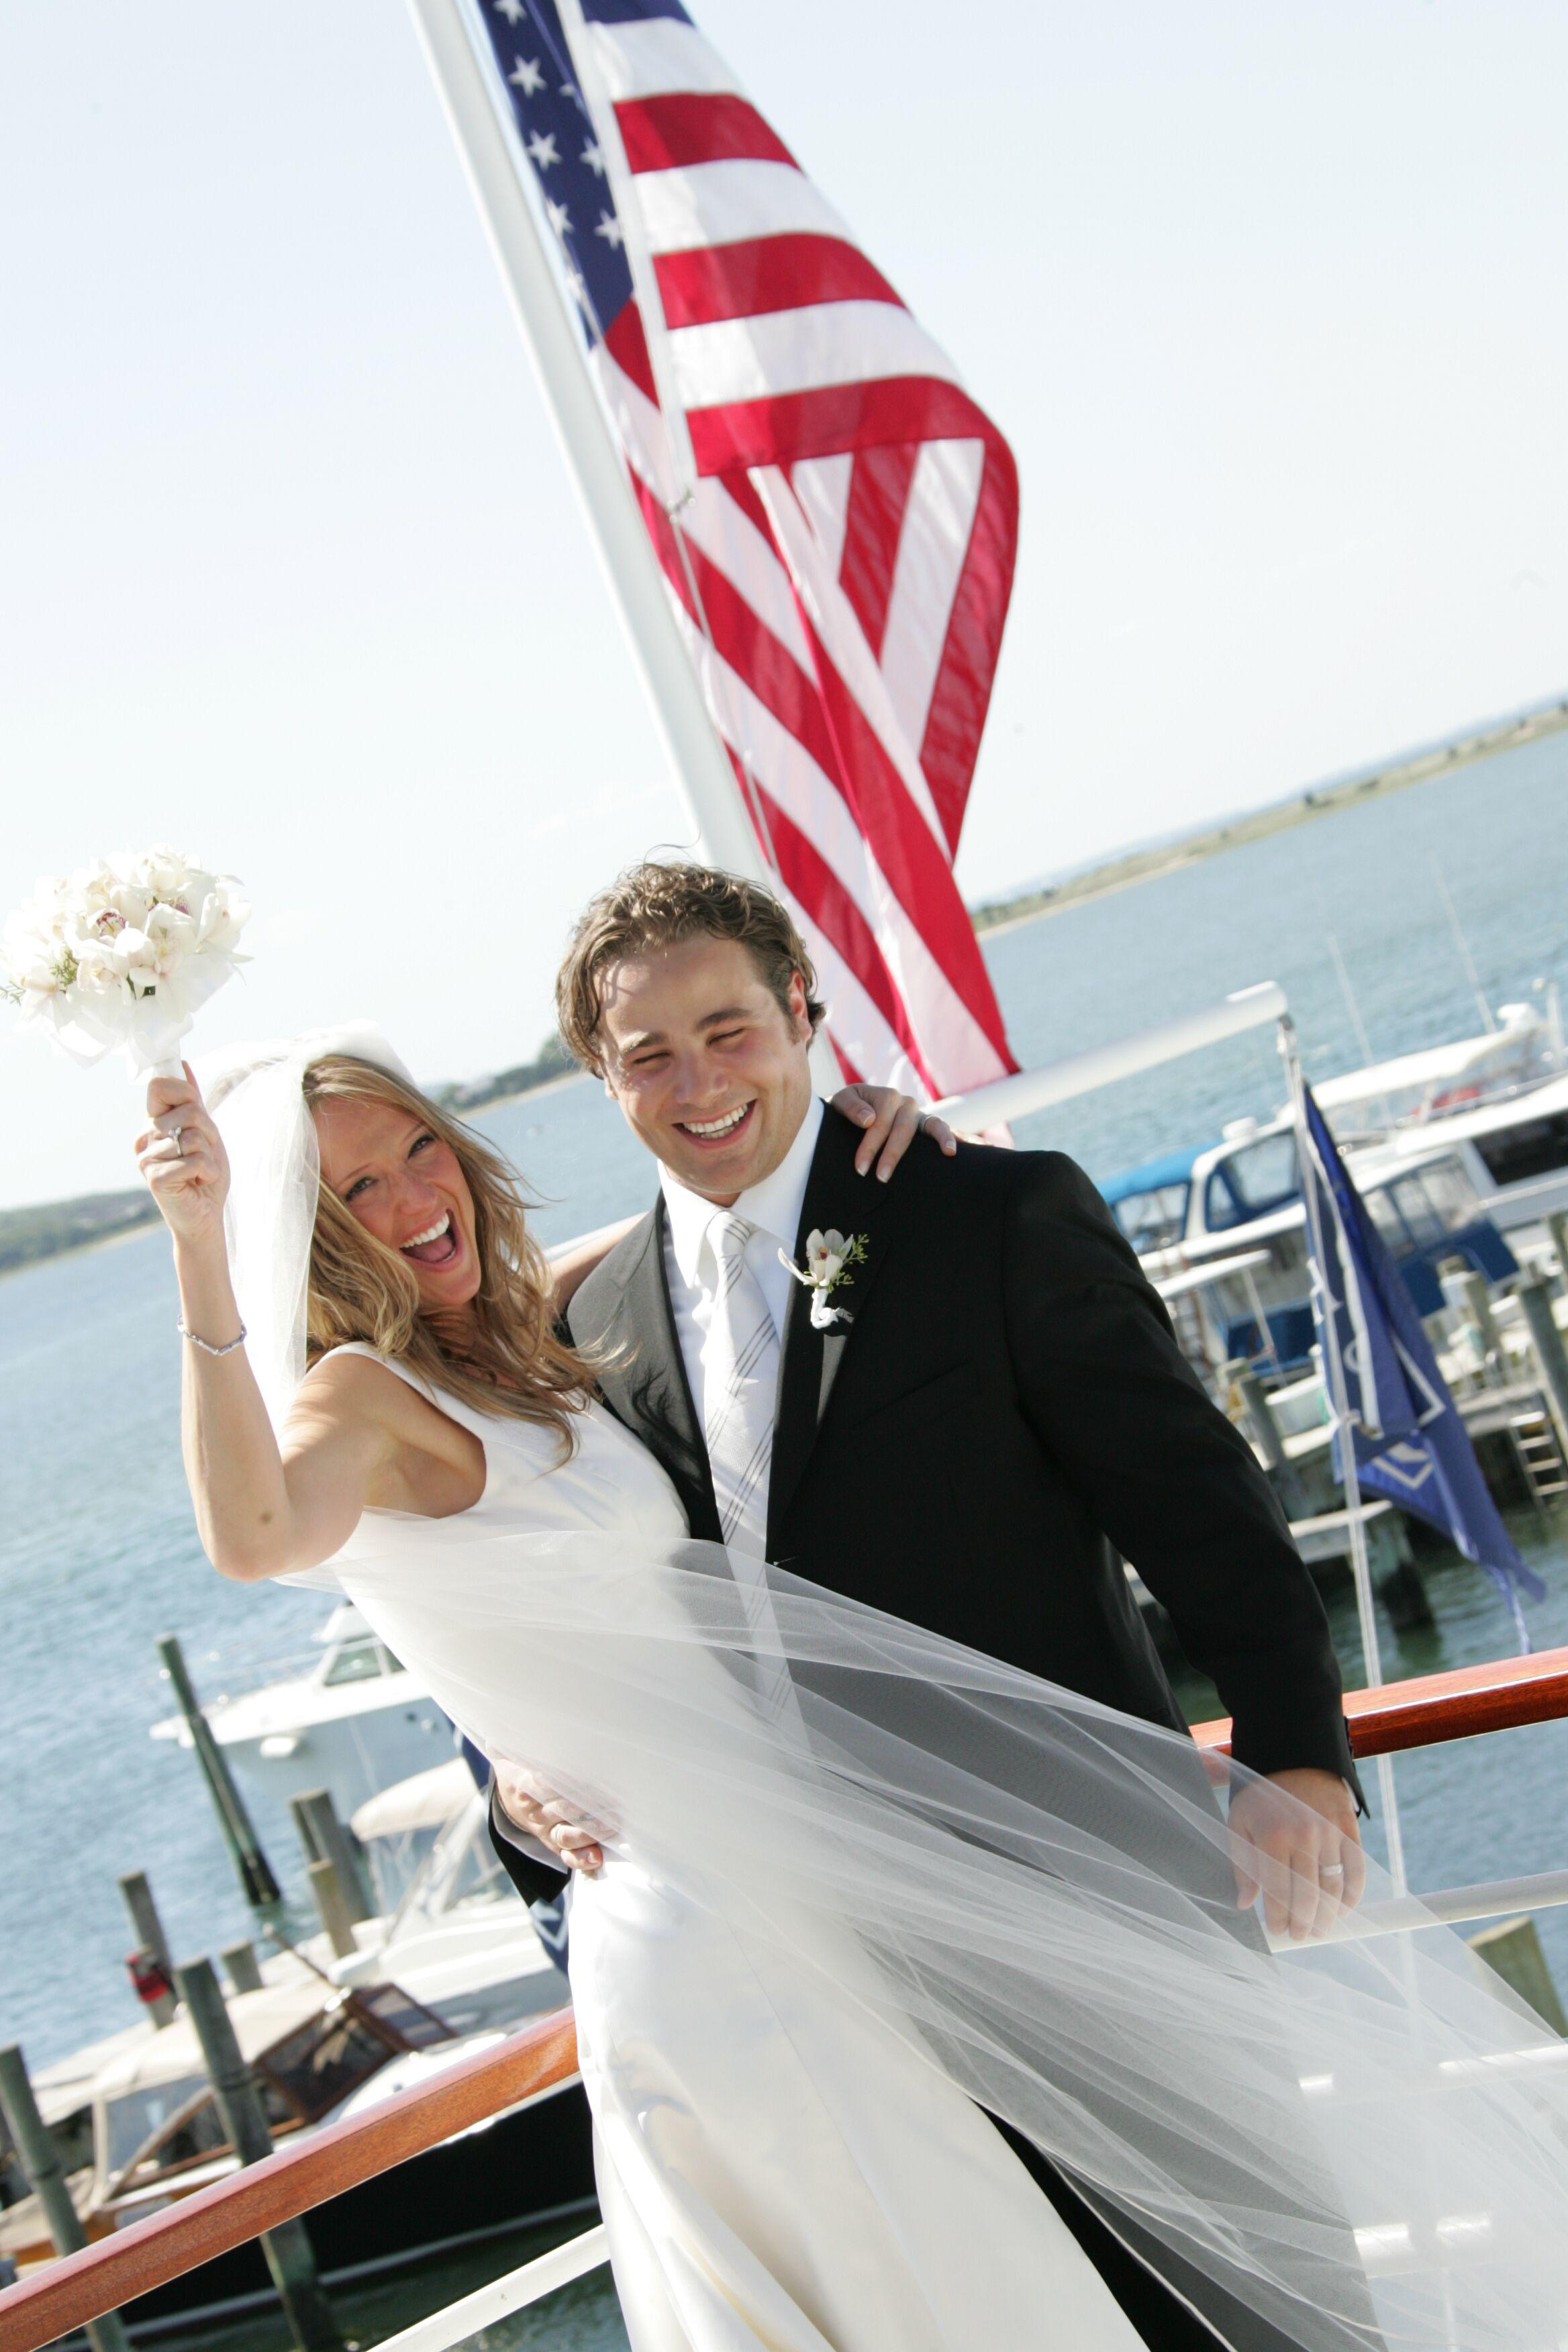 Wedding Reception Venues In East Hampton NY